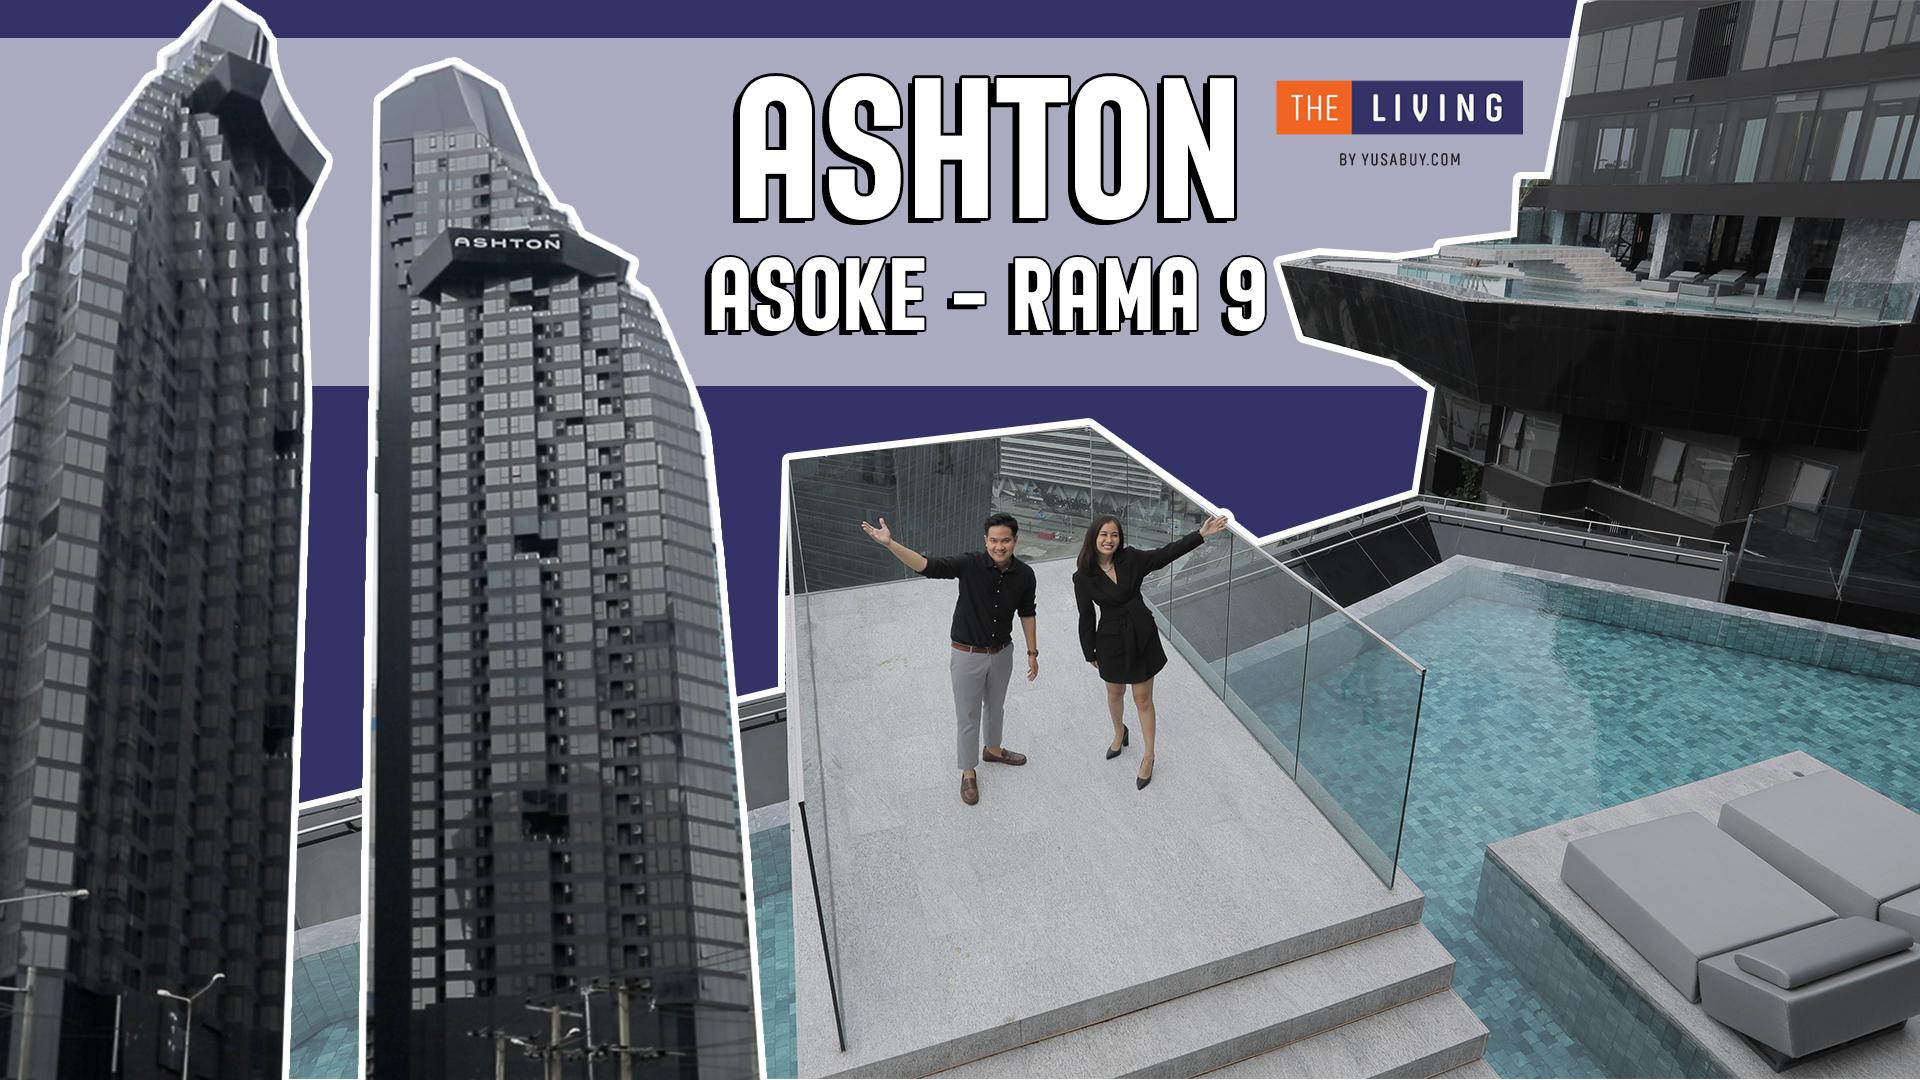 รีวิว Ashton Asoke-Rama 9 (แอชตัน อโศก-พระราม 9) คอนโดตึกคู่ บนทำเลหัวมุมแยกรัชดา-พระราม 9